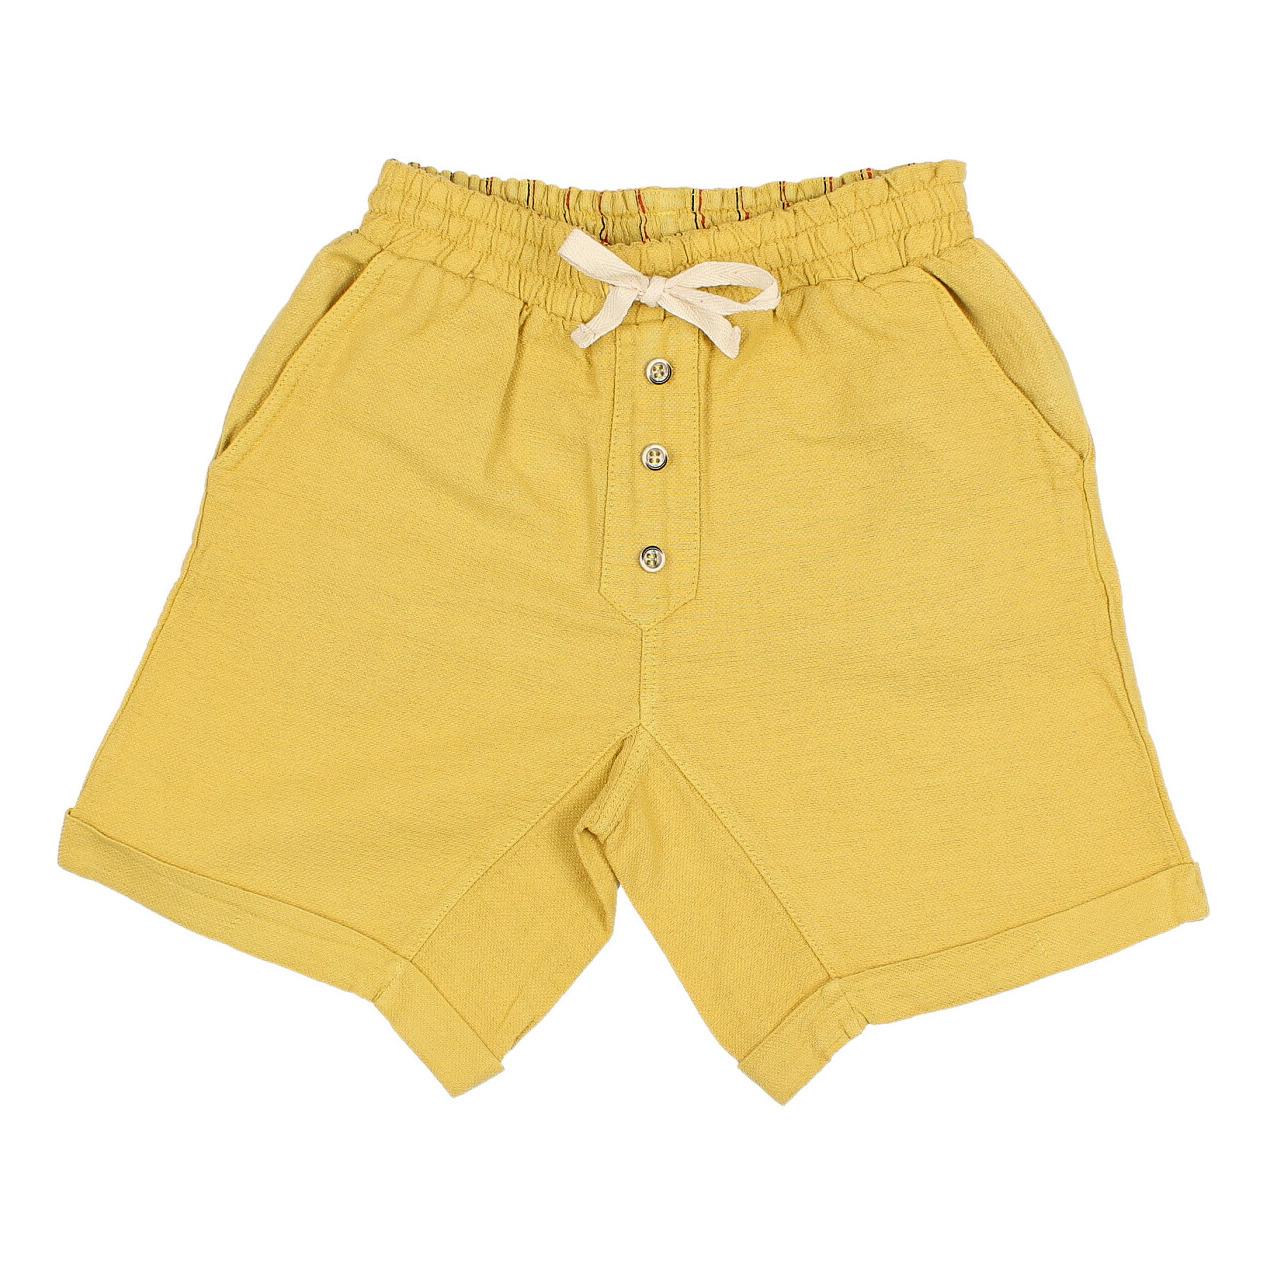 Shorts Bio-Baumwolle Simon Must-Have Vorschlag 8808